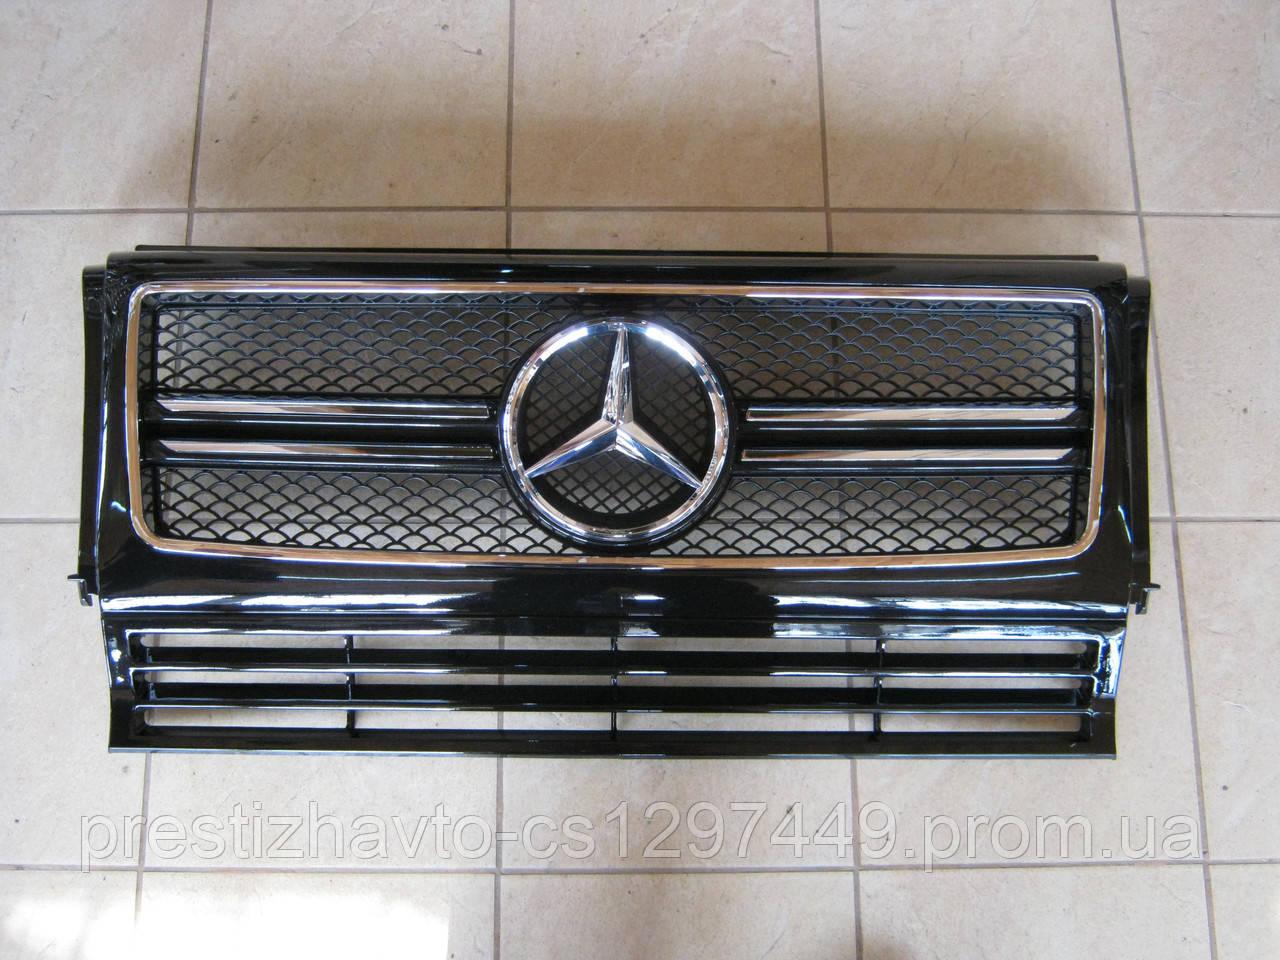 Решетка радиатора на Mercedes G-Сlass W463 AMG